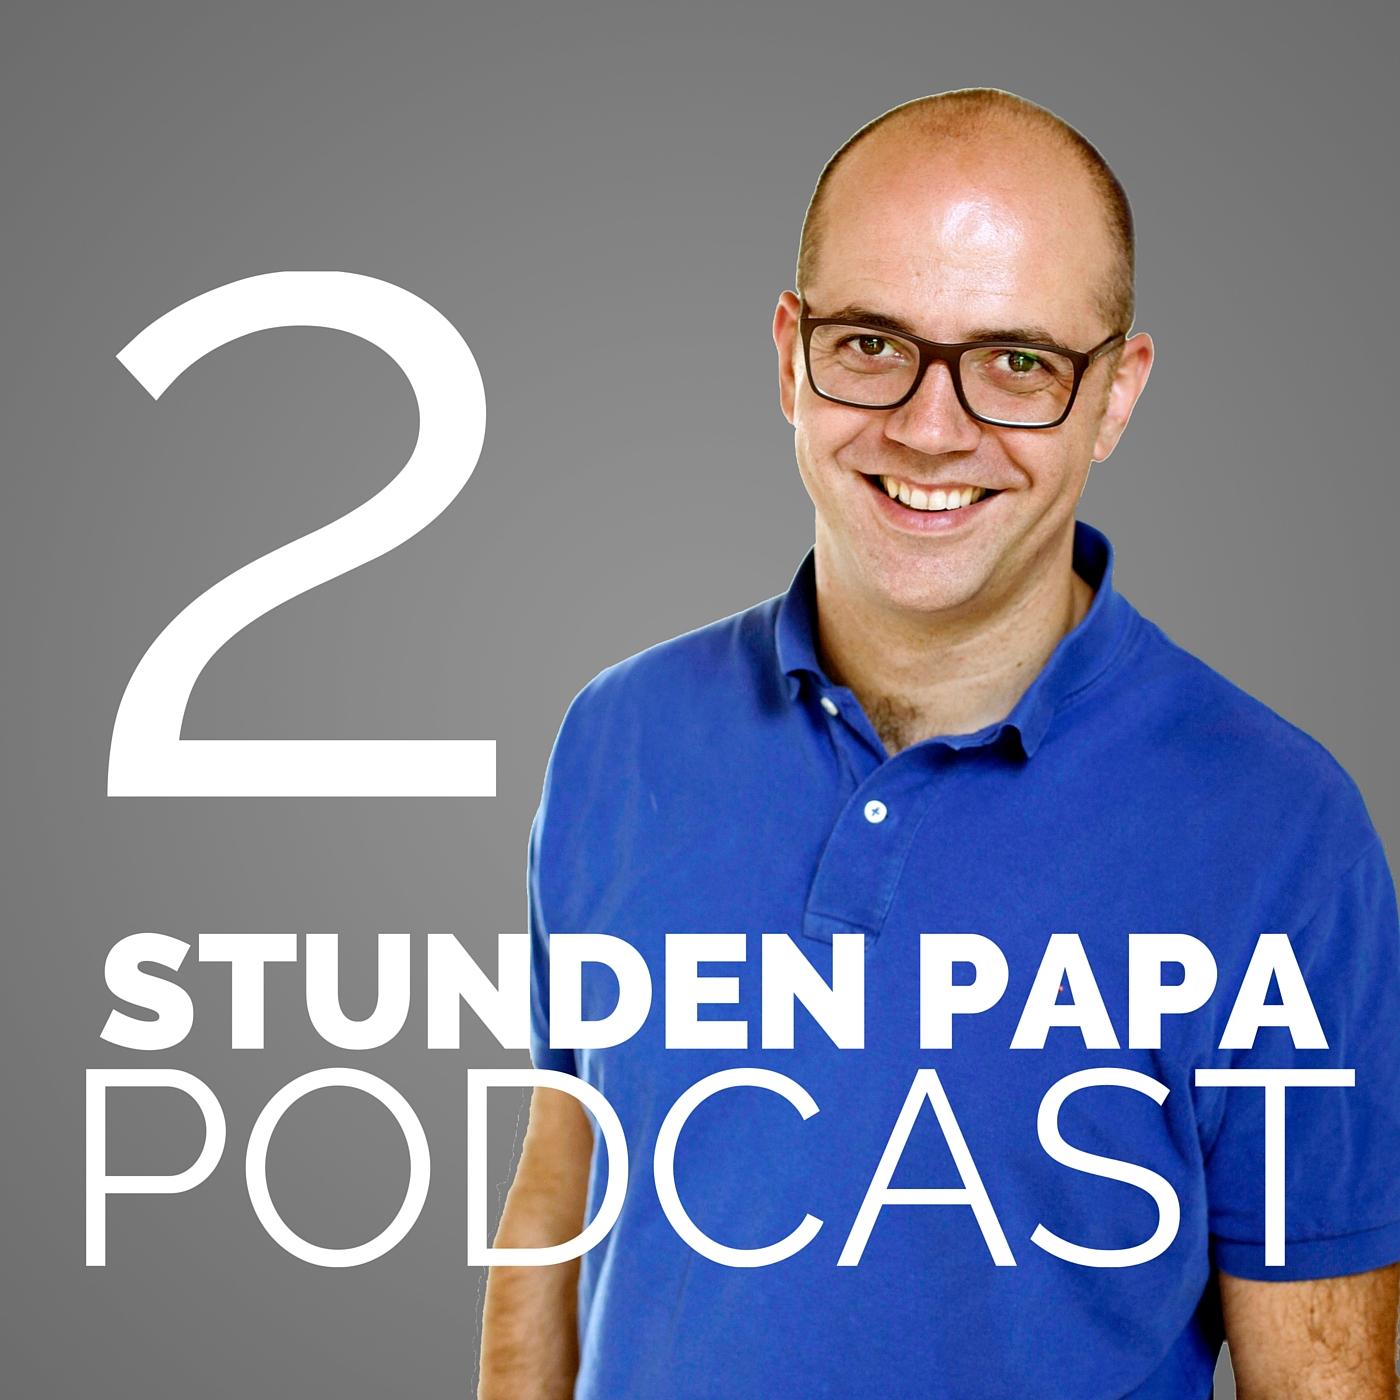 Der 2-Stunden-Papa Podcast: Karriere | Vater sein | Familie | Andreas Lorenz